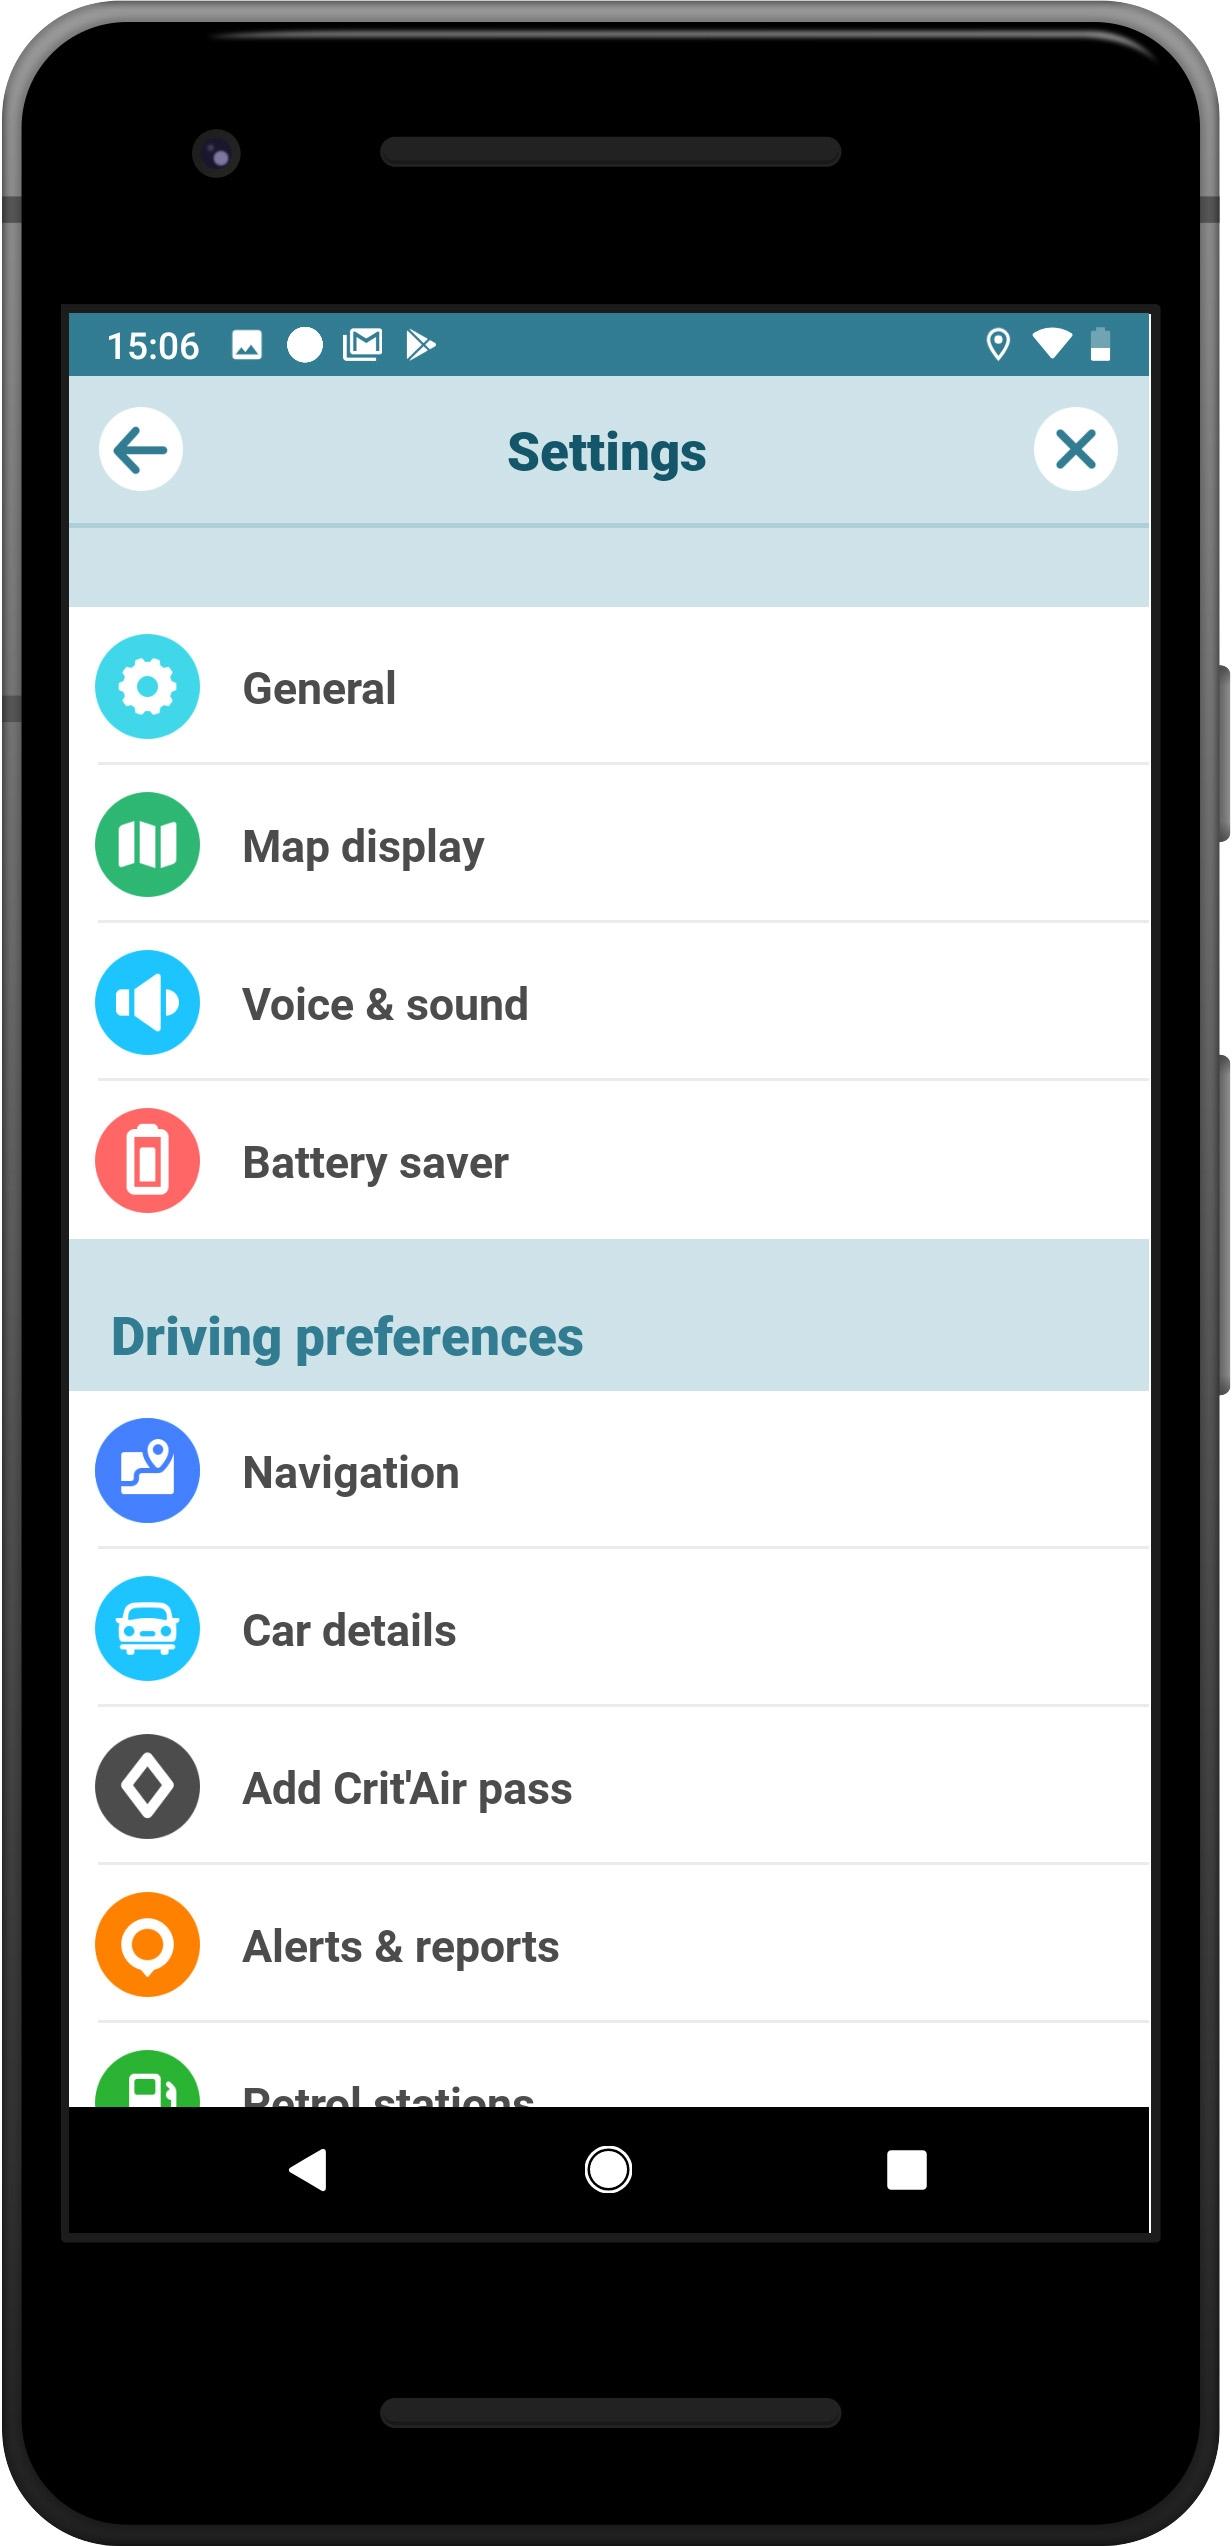 I dettagli del test sul navigatore WAZE GPS, Maps, Traffic